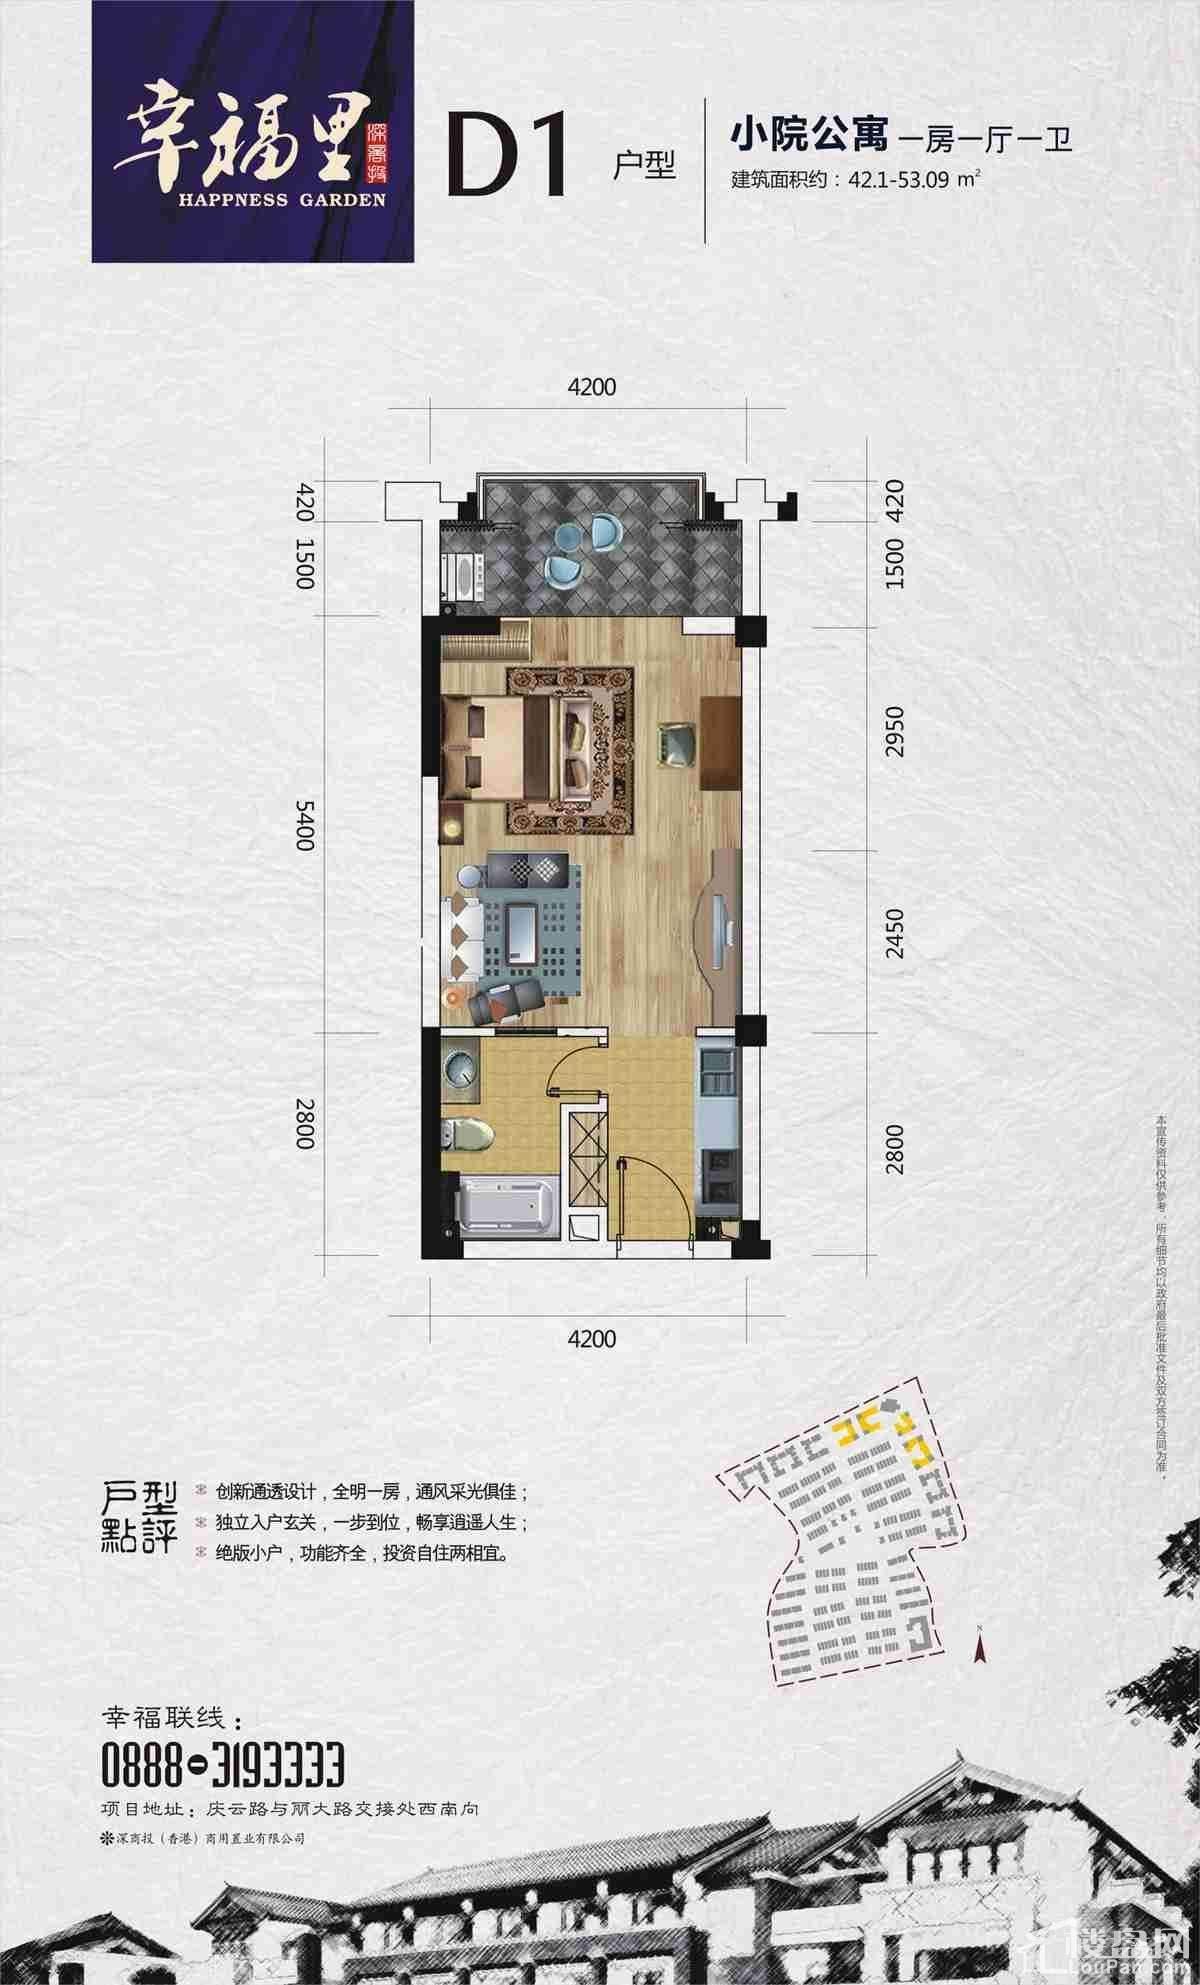 D1小院公寓